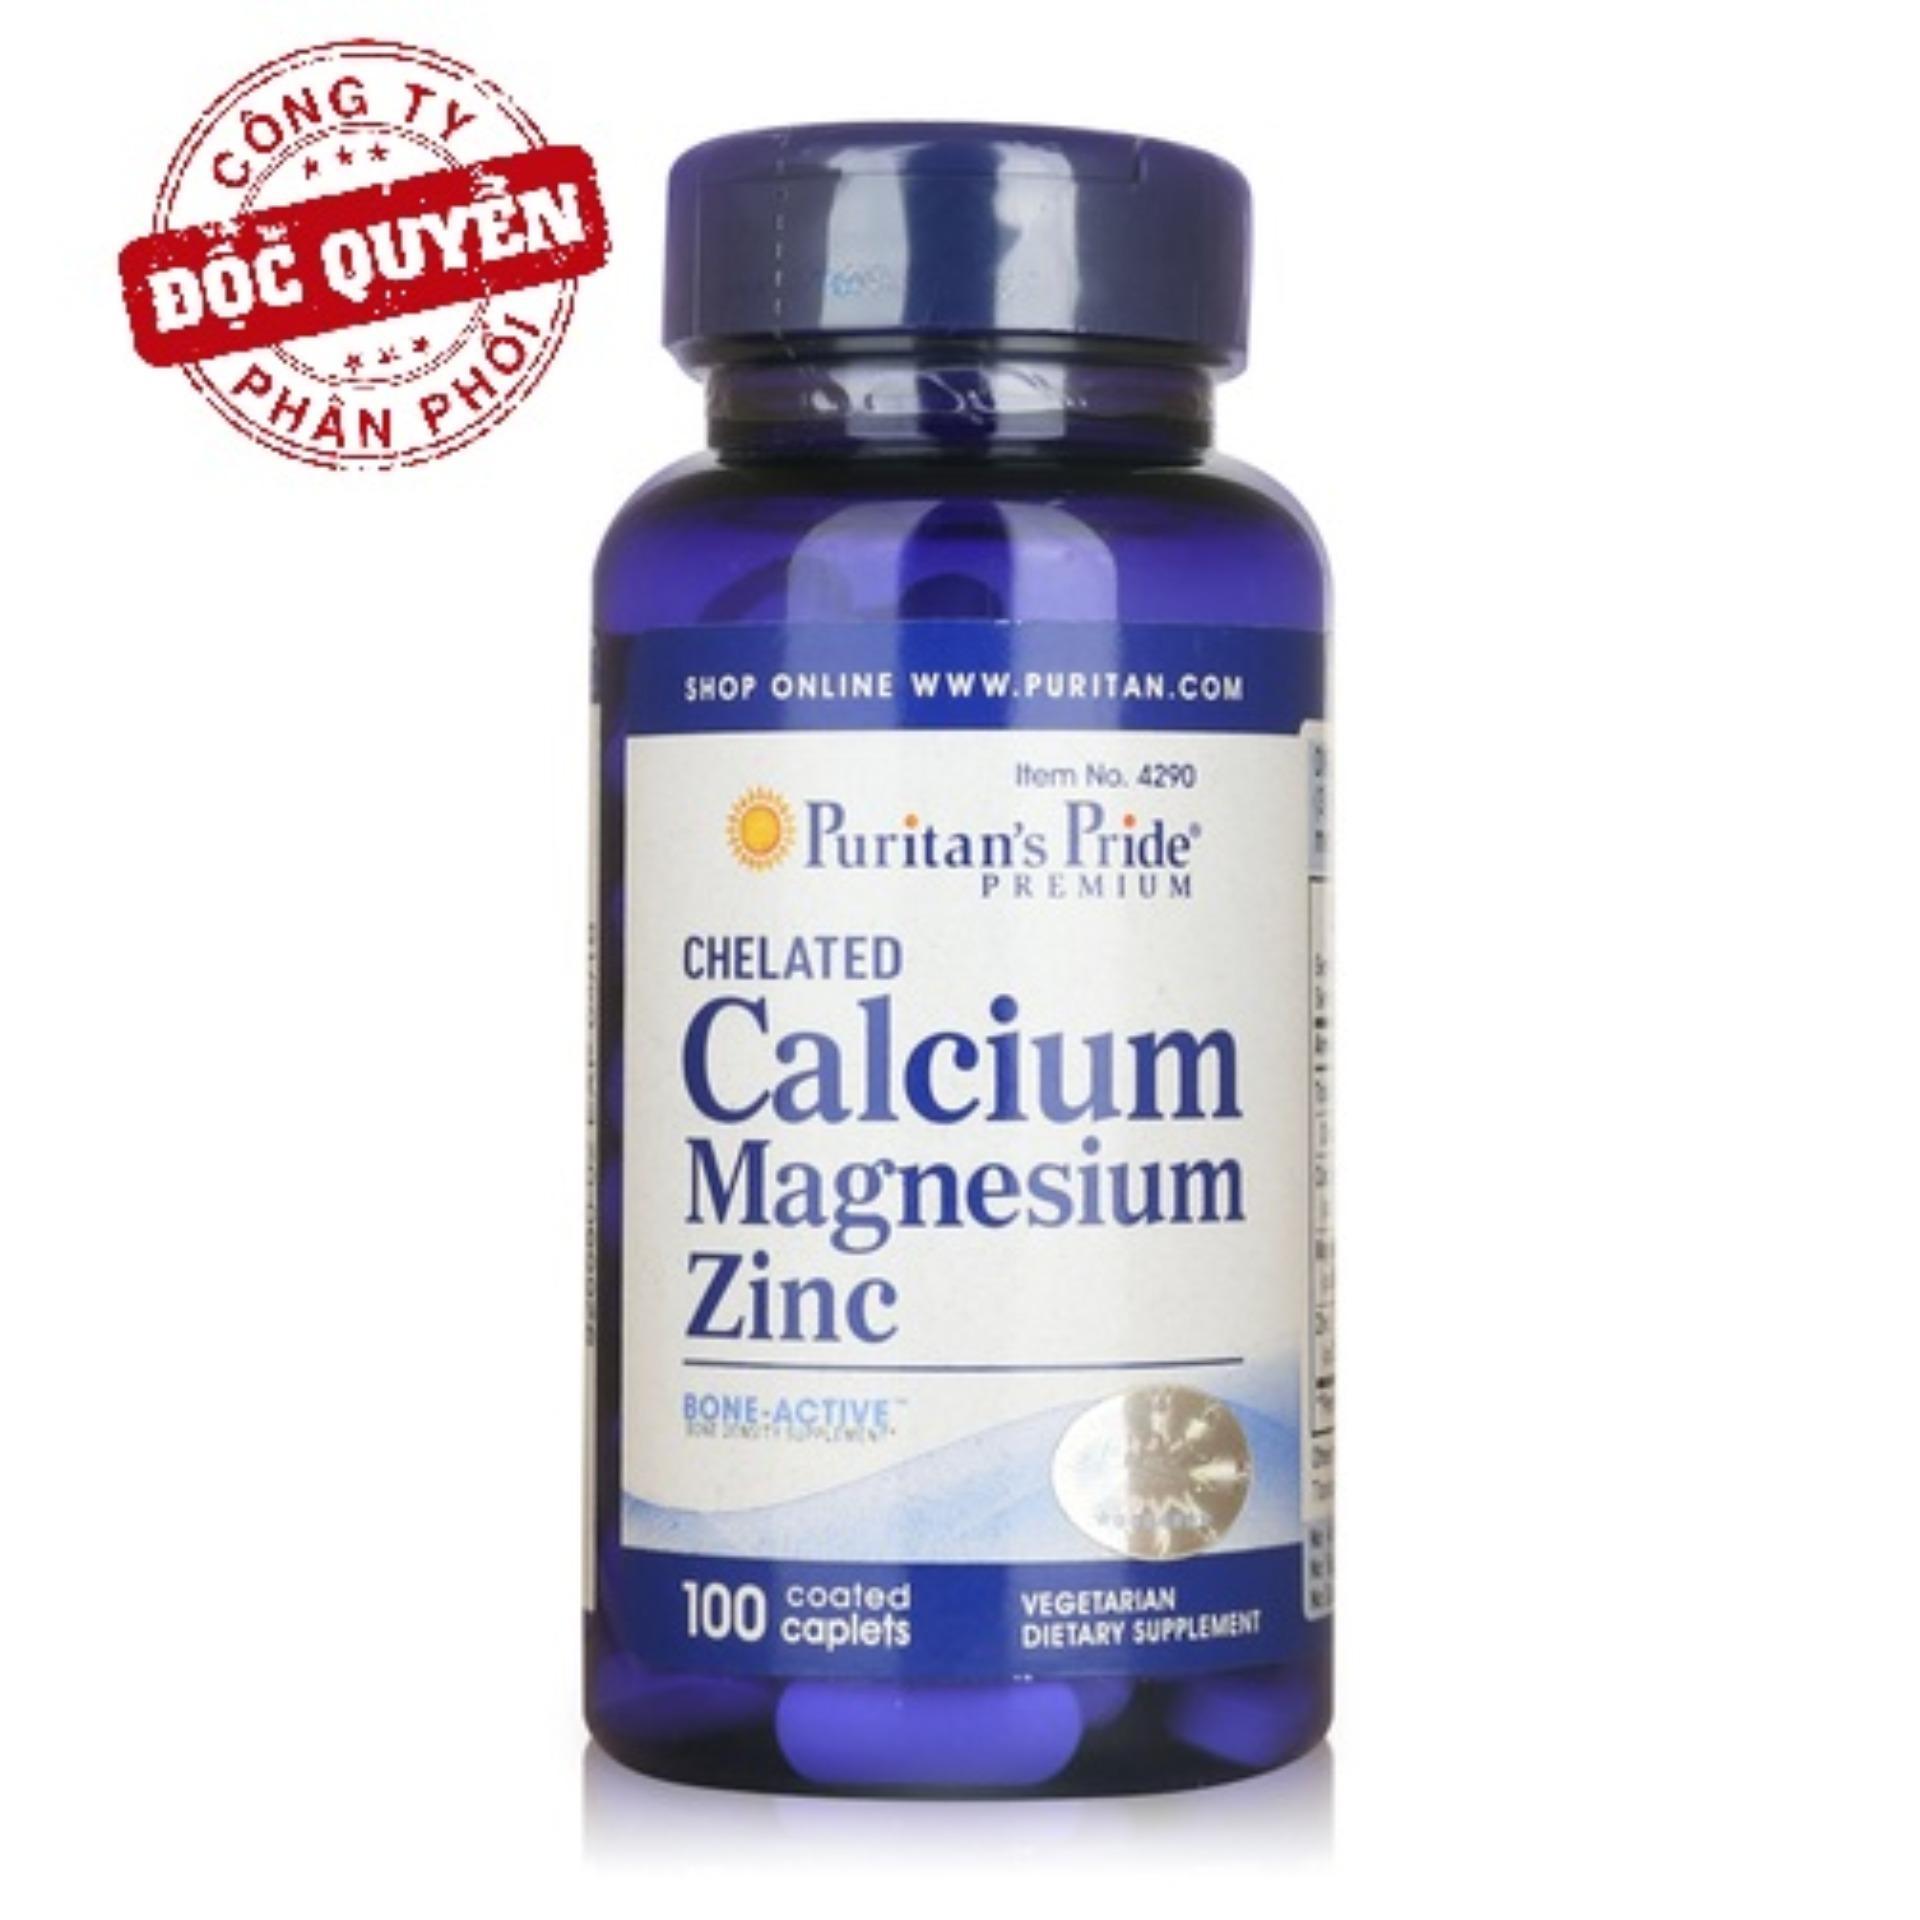 Viên uống cải thiện chiều cao, hỗ trợ xương Puritan's Pride Chelated Calcium, Magnesium & Zinc 100 viên HSD tháng 1/2020